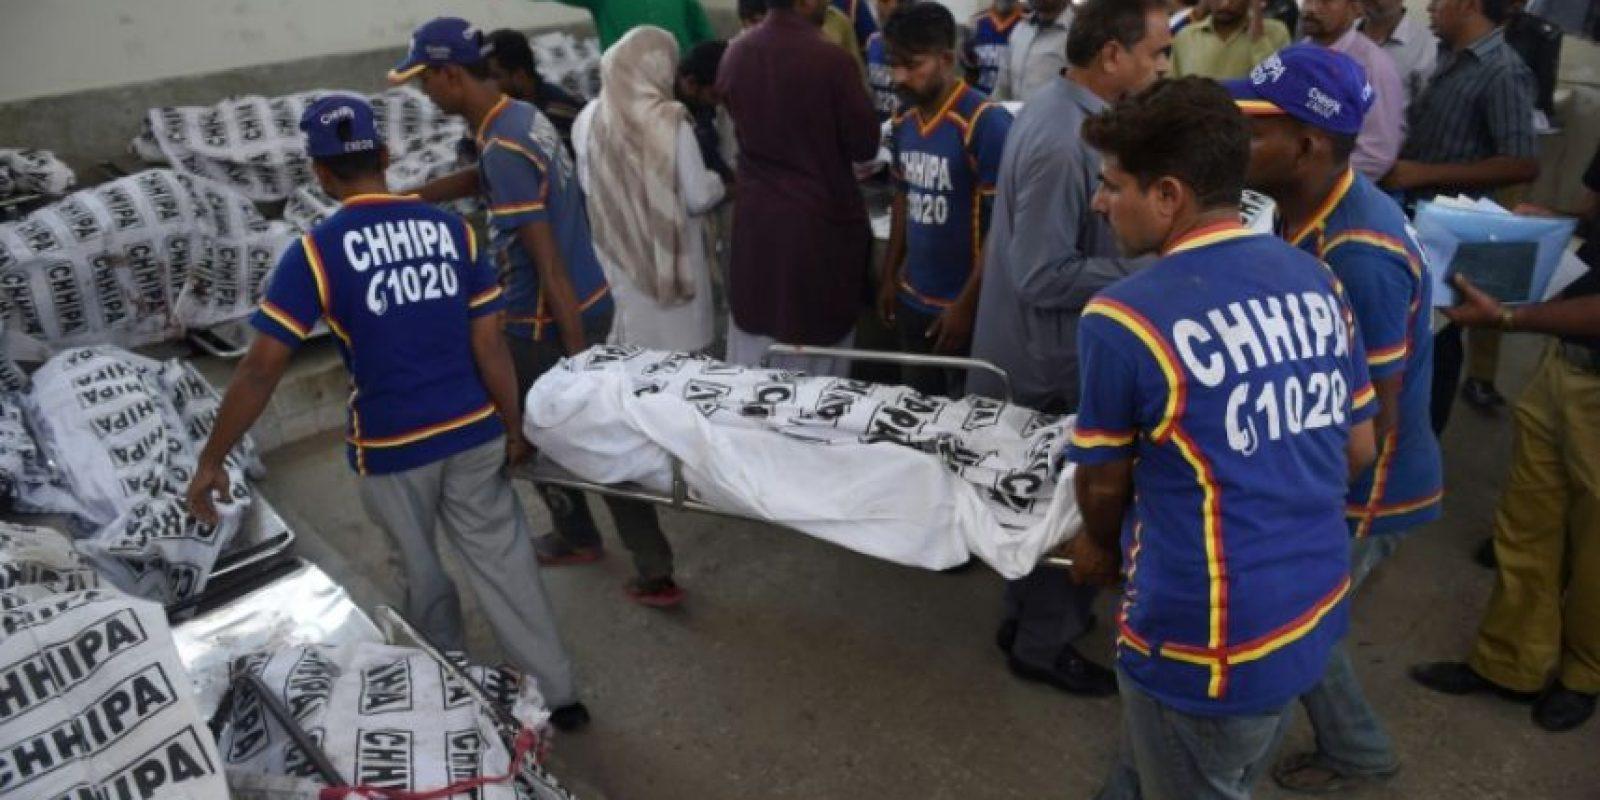 Dos socorristas paquistaníes llevan el cuerpo de un pasajero muerto en un accidente de tren, a un depósito de cadáveres en Karachi, el 3 de noviembre de 2016 Foto:Rizwan Tabassum/afp.com